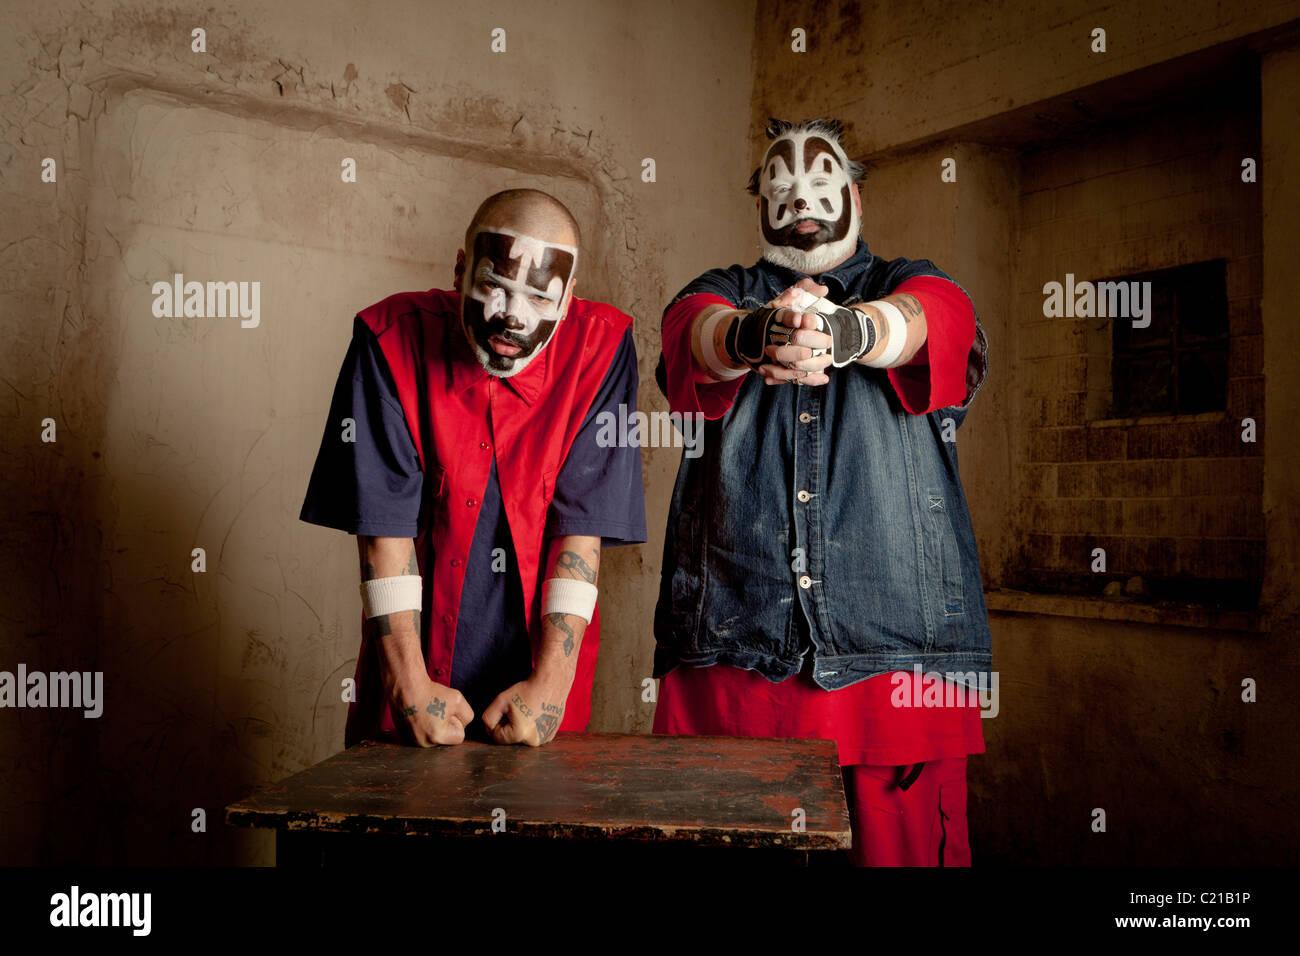 J violentos y Shaggy 2 Droga de Insane Clown Posse posar para fotos antes de un concierto en Milwaukee, Wisconsin. Imagen De Stock